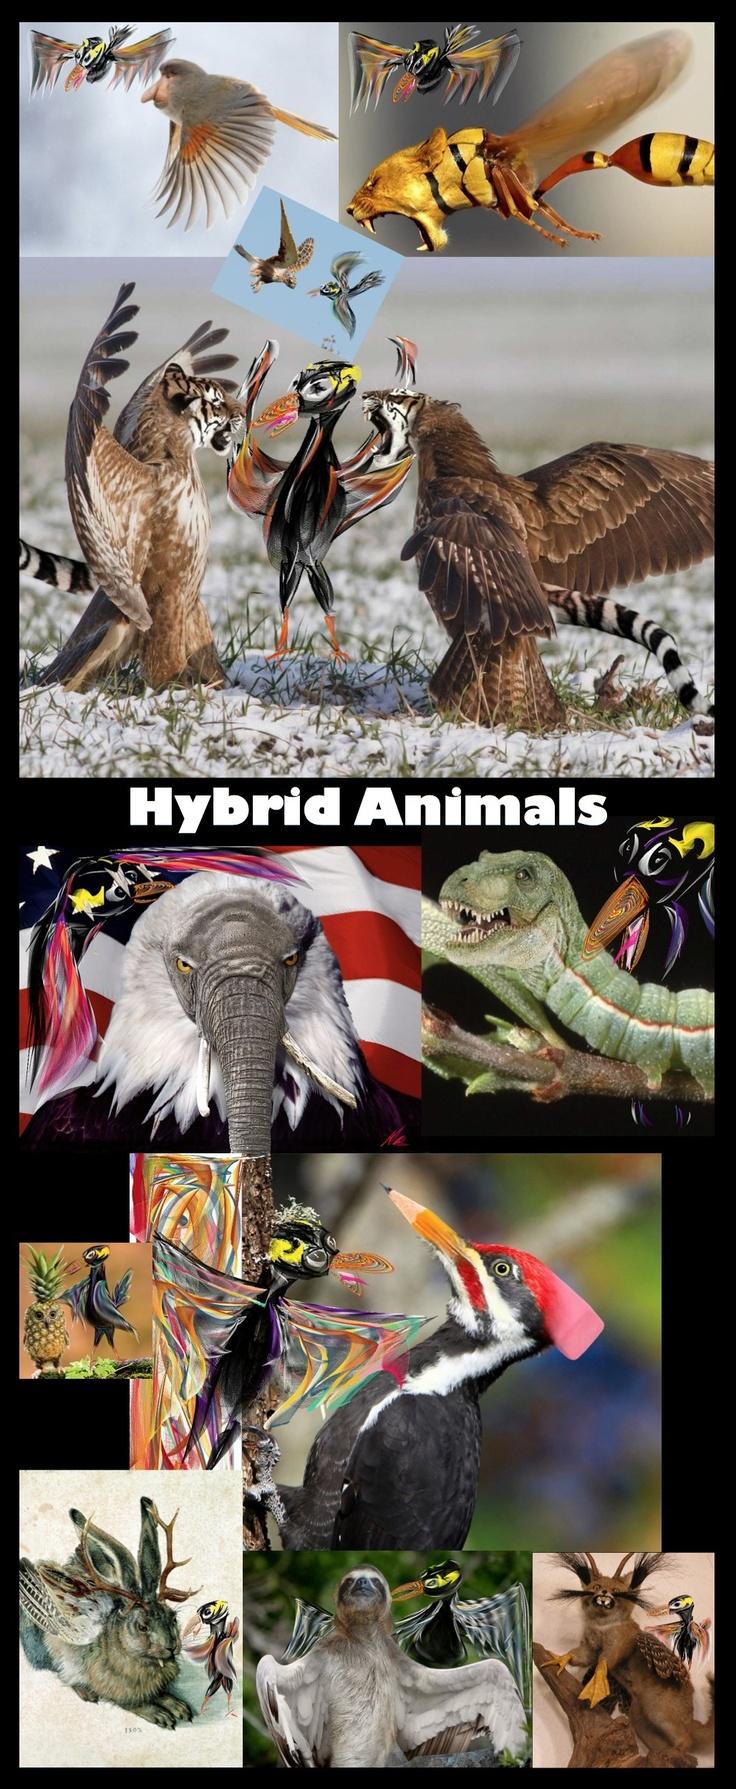 http://isense4u.de/isense4u_2012/Spiral_Dynamics.html #Sensy entdeckt https://vine.co/v/bUJ650IlIWH #Hybrid_Animals, http://www.reddit.com/r/HybridAnimals/ #Chimaeren oder bayerisch #Wolpertinger http://www.spiegel.de/netzwelt/web/photoshop-kunst-norweger-strickt-schnabelpferde-a-895129.html Sind sie ein bloßes Konstrukt der #Phantasie oder Ausdruck unseres permanenten #Rollenspiel s. Bist Du mit Deiner #Rolle einverstanden? #pieps_mich_an zum kostenfreien Erstgespräch 08822 25 40 10